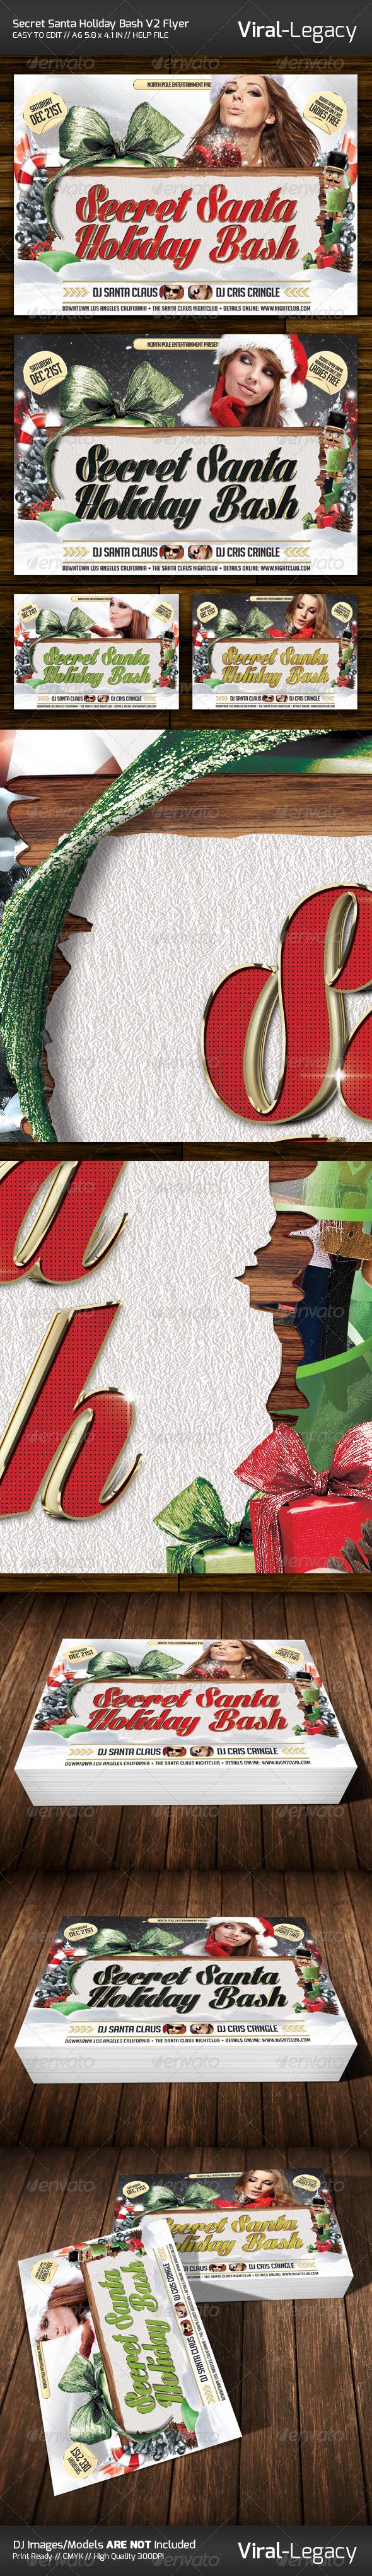 Secret Santa Holiday Bash V2 Flyer - Events Flyers